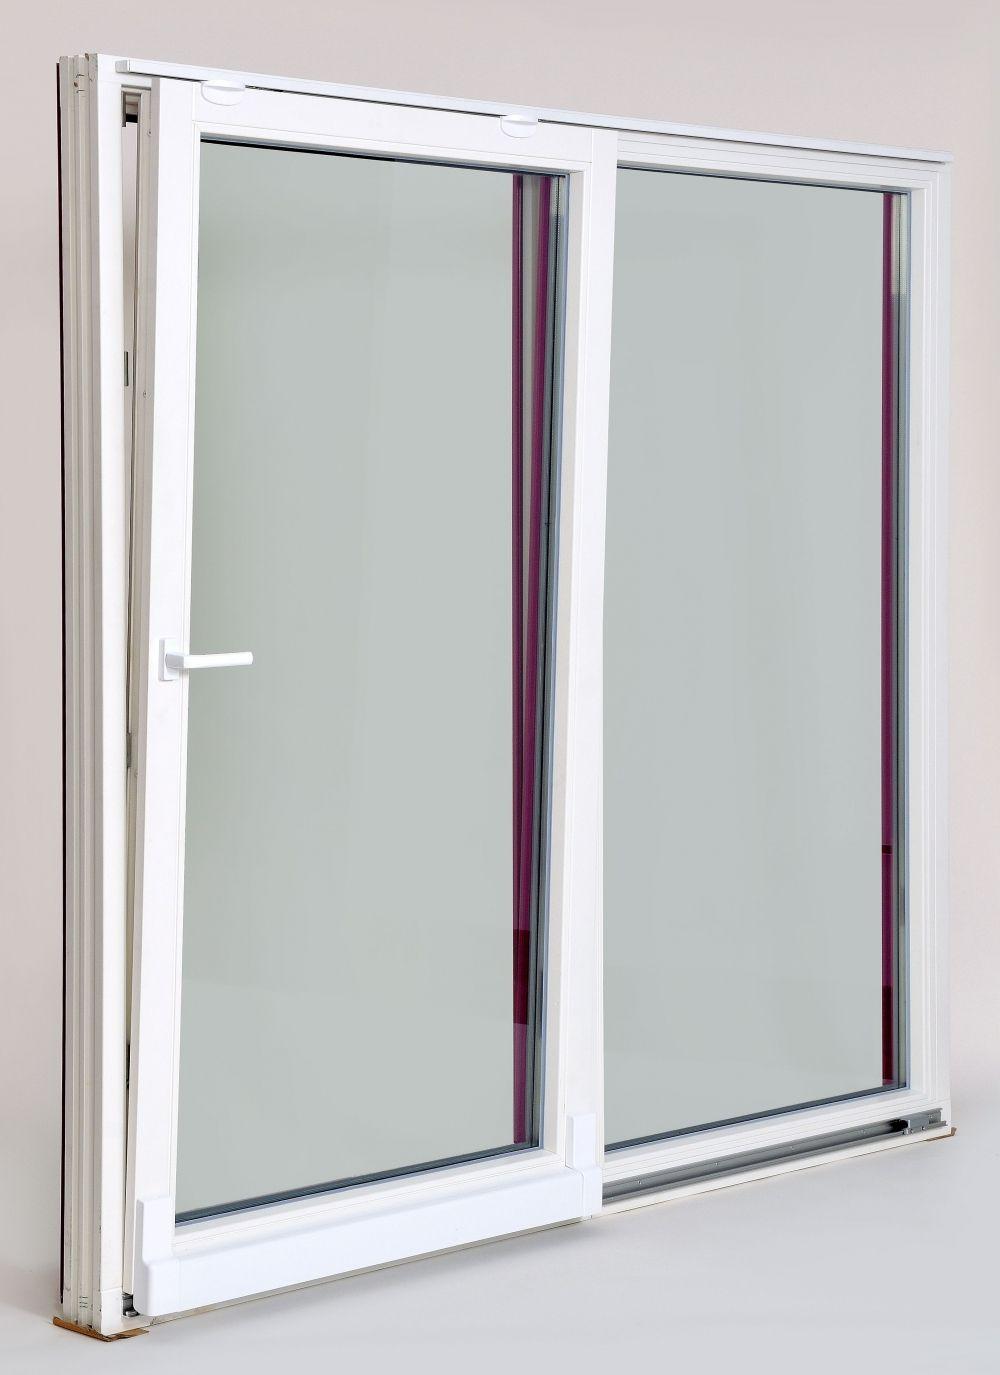 French Tilt & Slide Doors